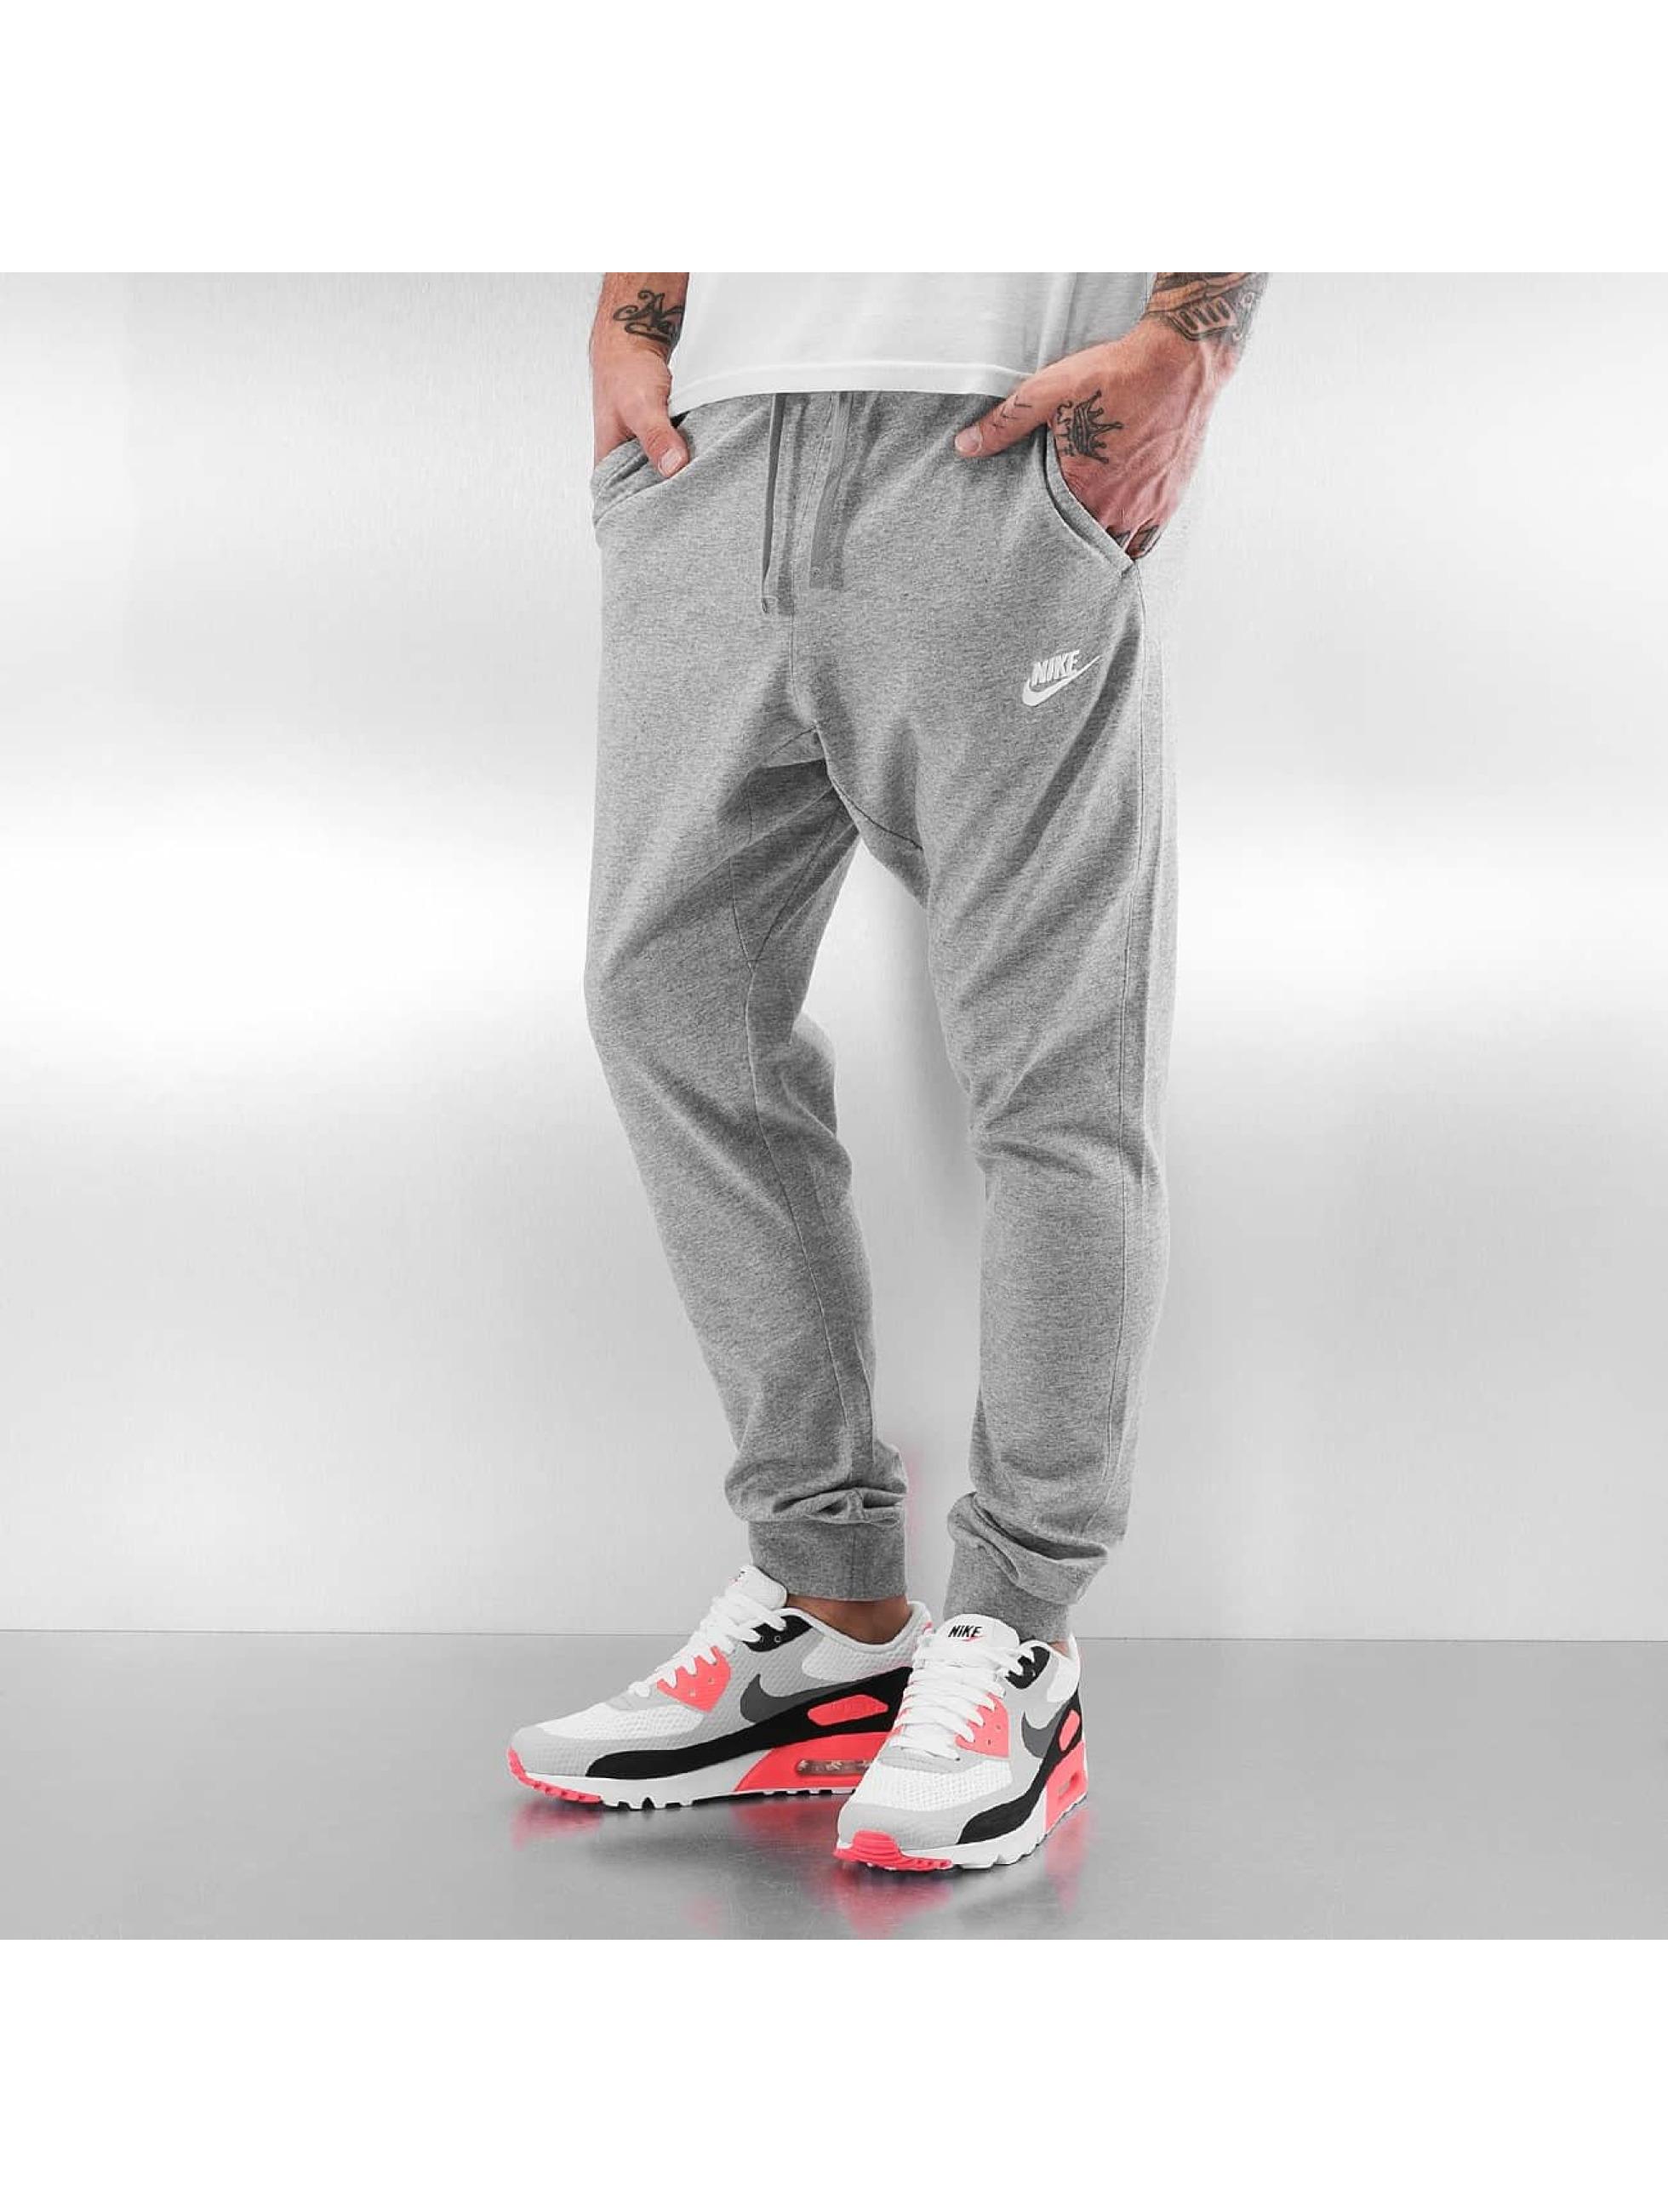 nike sportswear gris homme jogging 285930. Black Bedroom Furniture Sets. Home Design Ideas